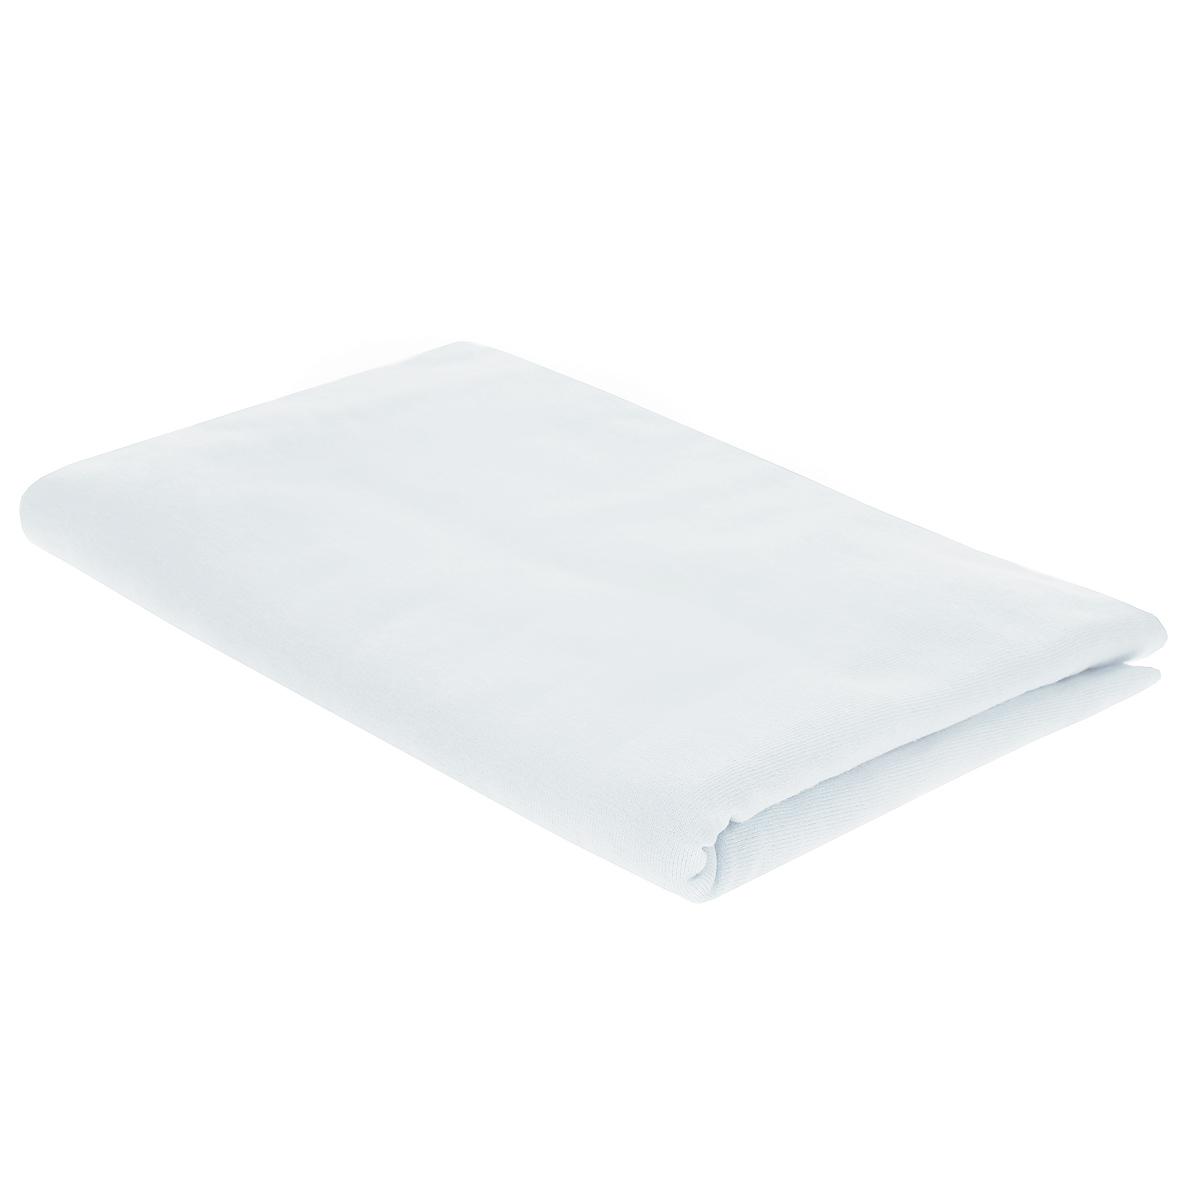 Пеленка трикотажная Трон-Плюс, цвет: белый, 120 см х 90 см пеленка трикотажная трон плюс цвет розовый 120 см х 90 см